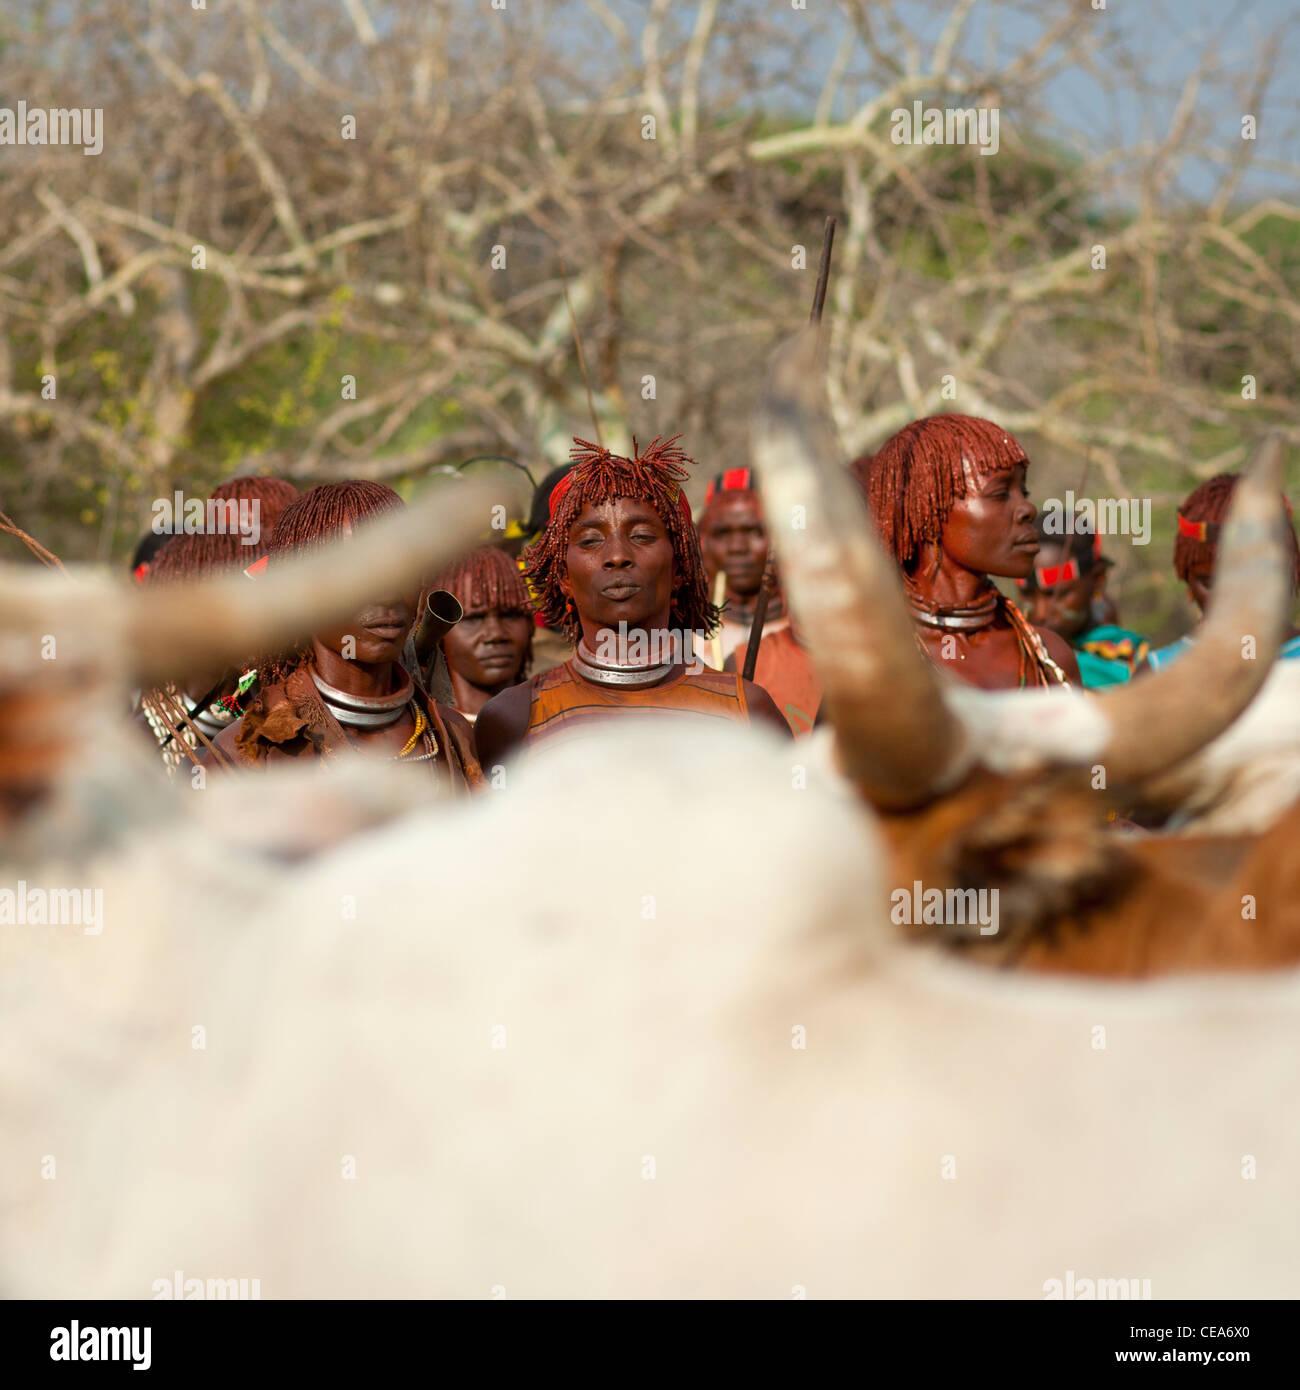 Hamer persone celebrare Bull Jumping cerimonia dalle tradizionali danze rituali e musica Valle dell'Omo Etiopia Foto Stock